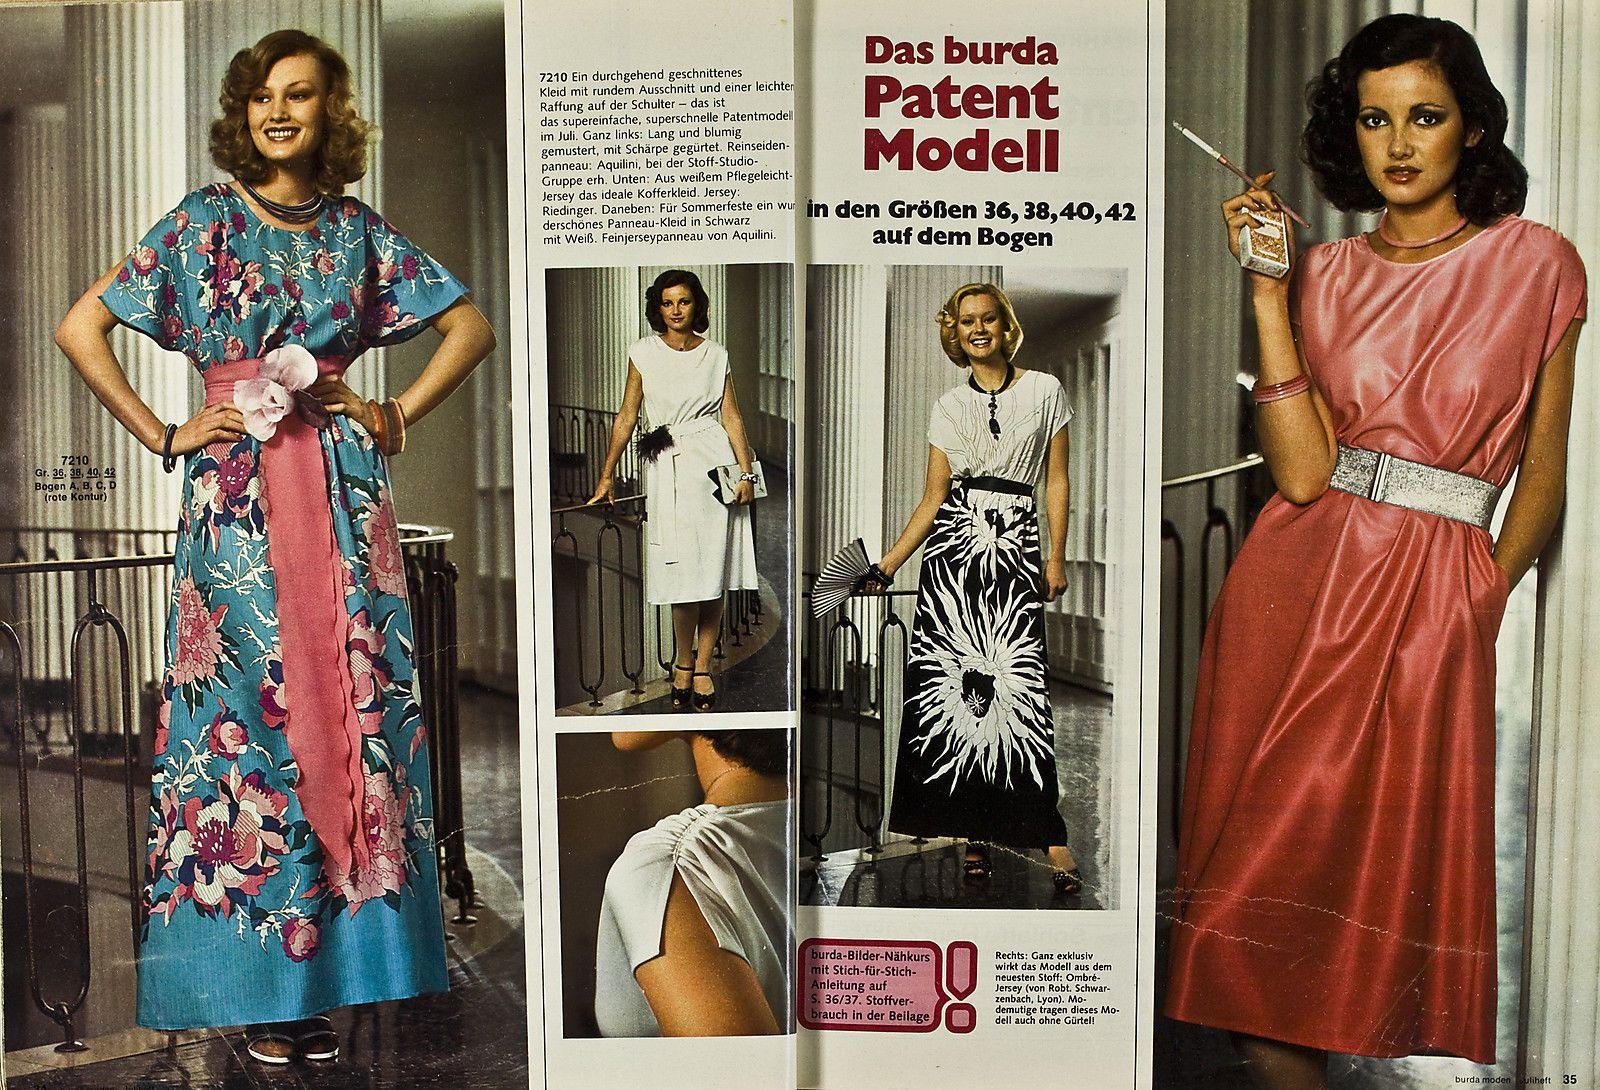 Burda Moden 07.1975 in Libros, revistas y cómics, Revistas, Moda y estilo de vida | eBay